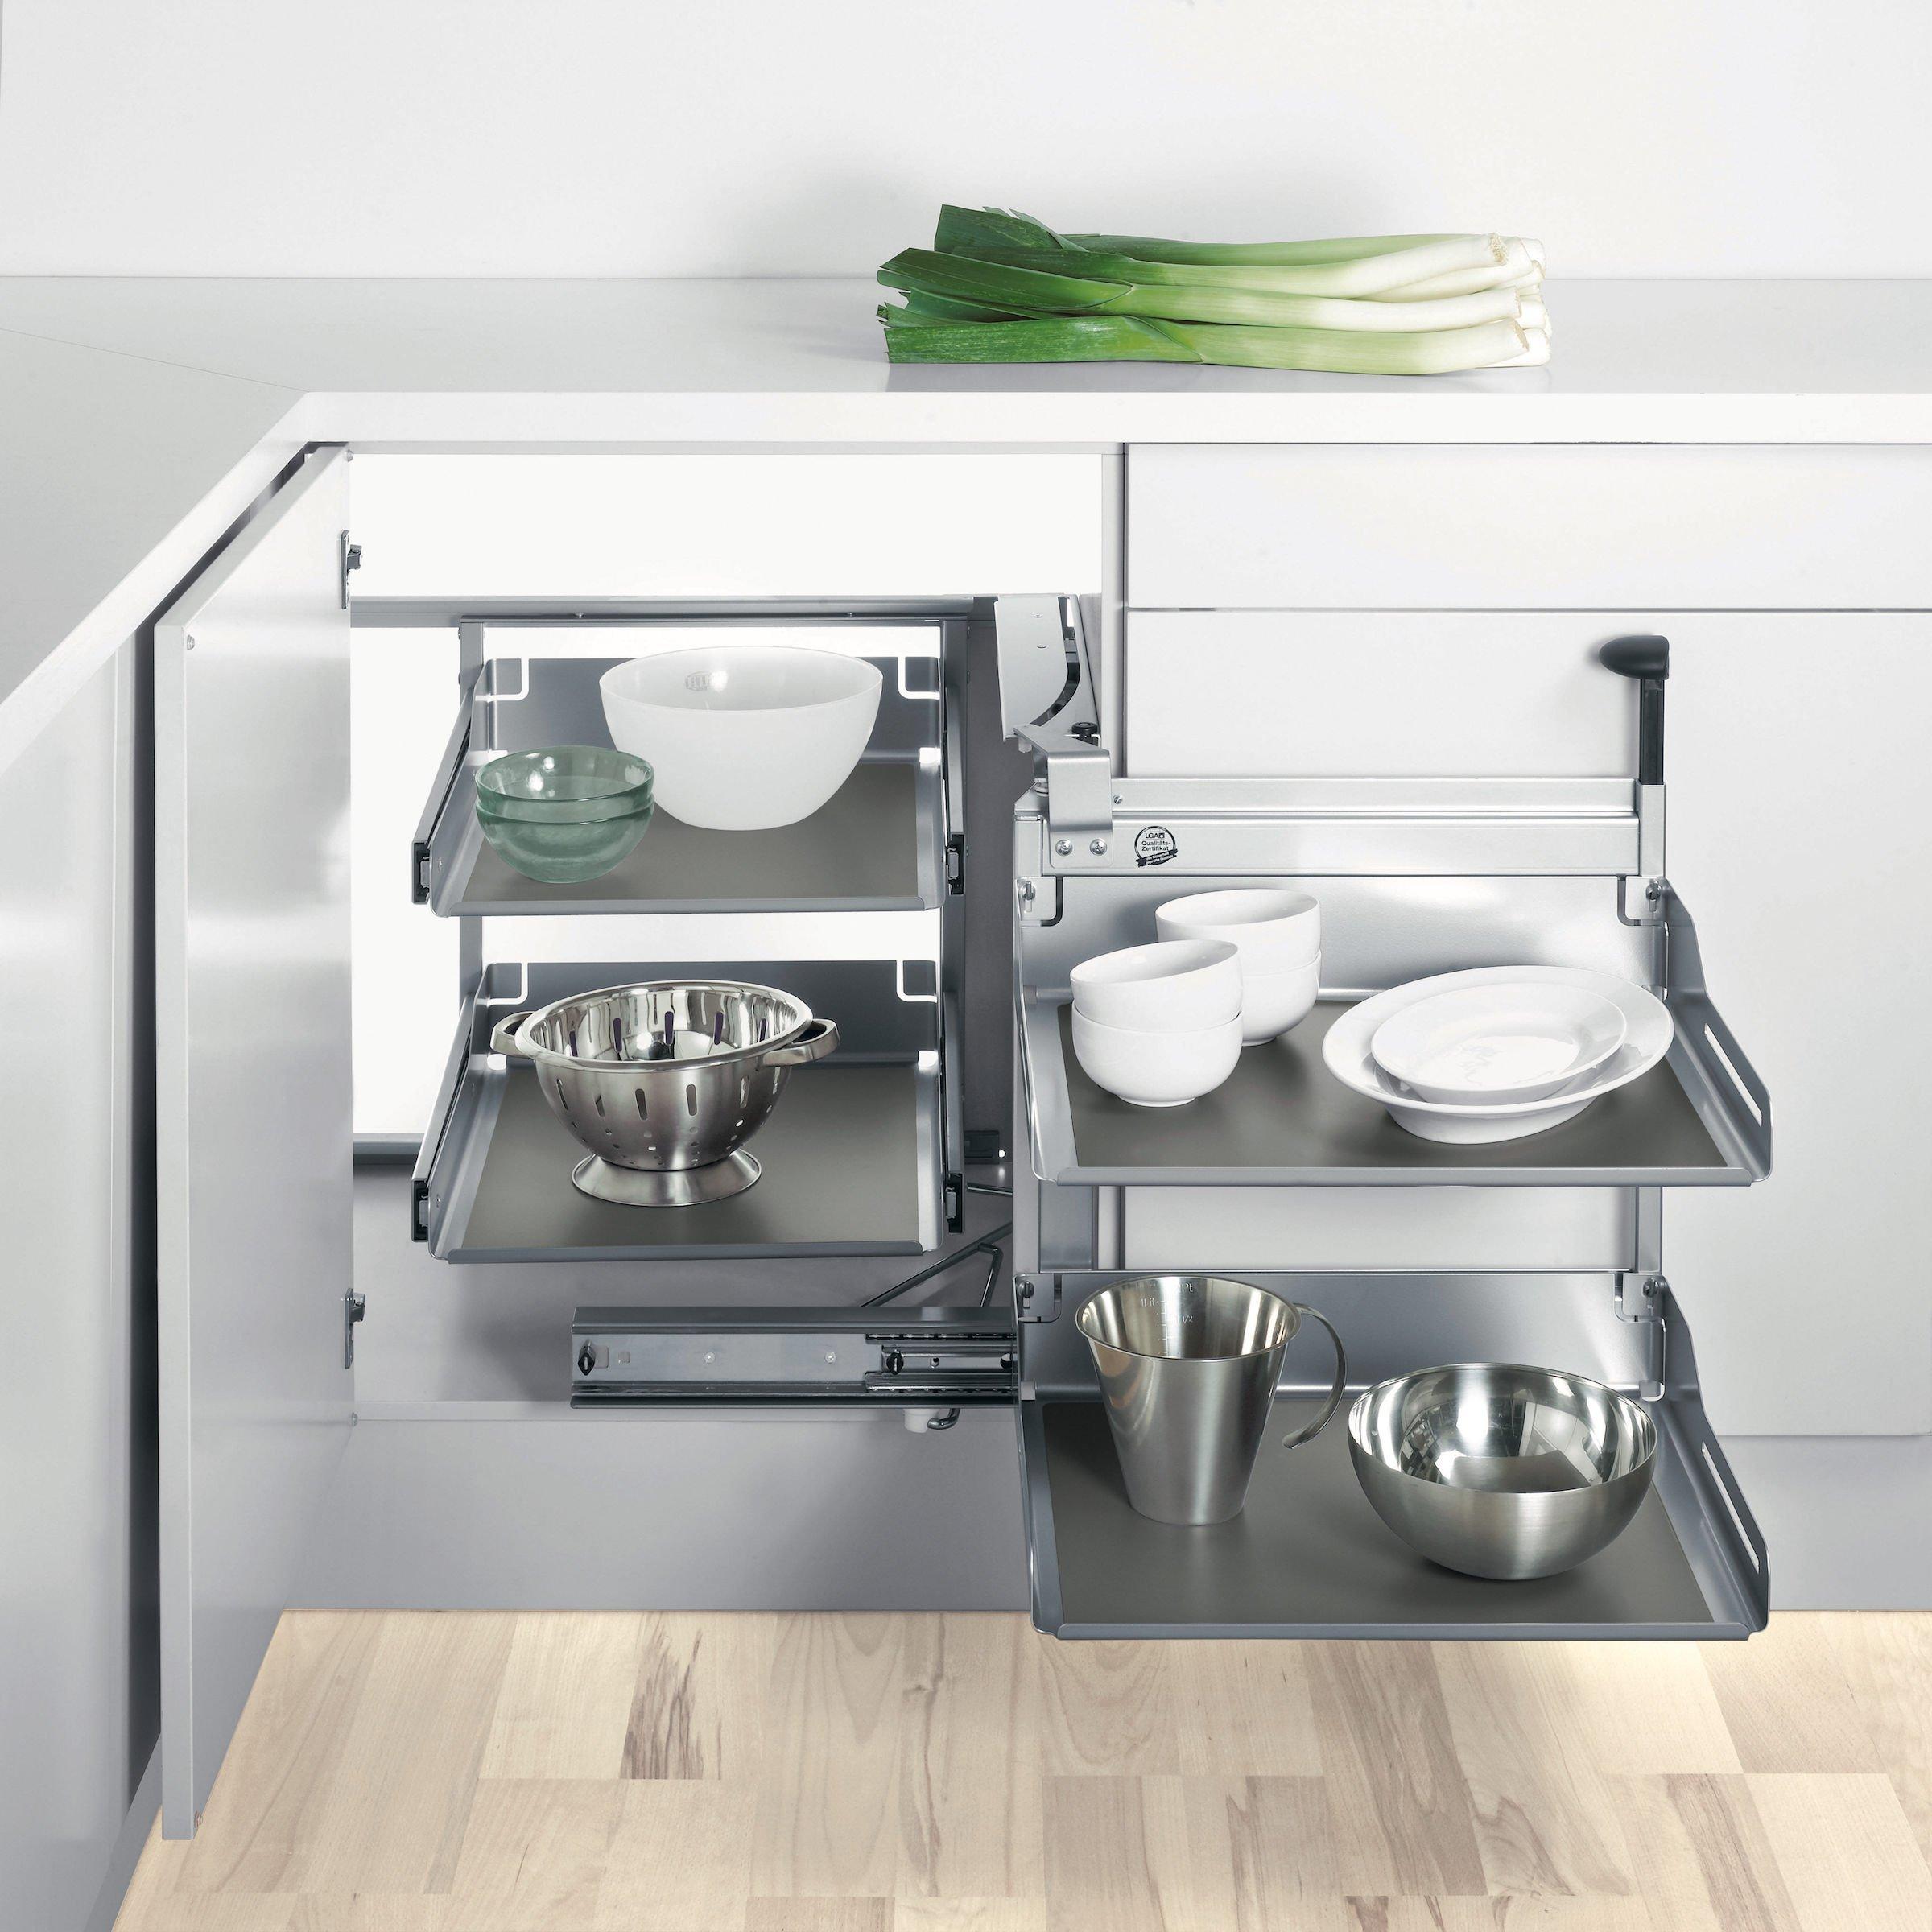 1911b1944 Zařizování nové kuchyně se sebou nepřináší jen radostné chvíle z nadšenosti  na to, jak bude